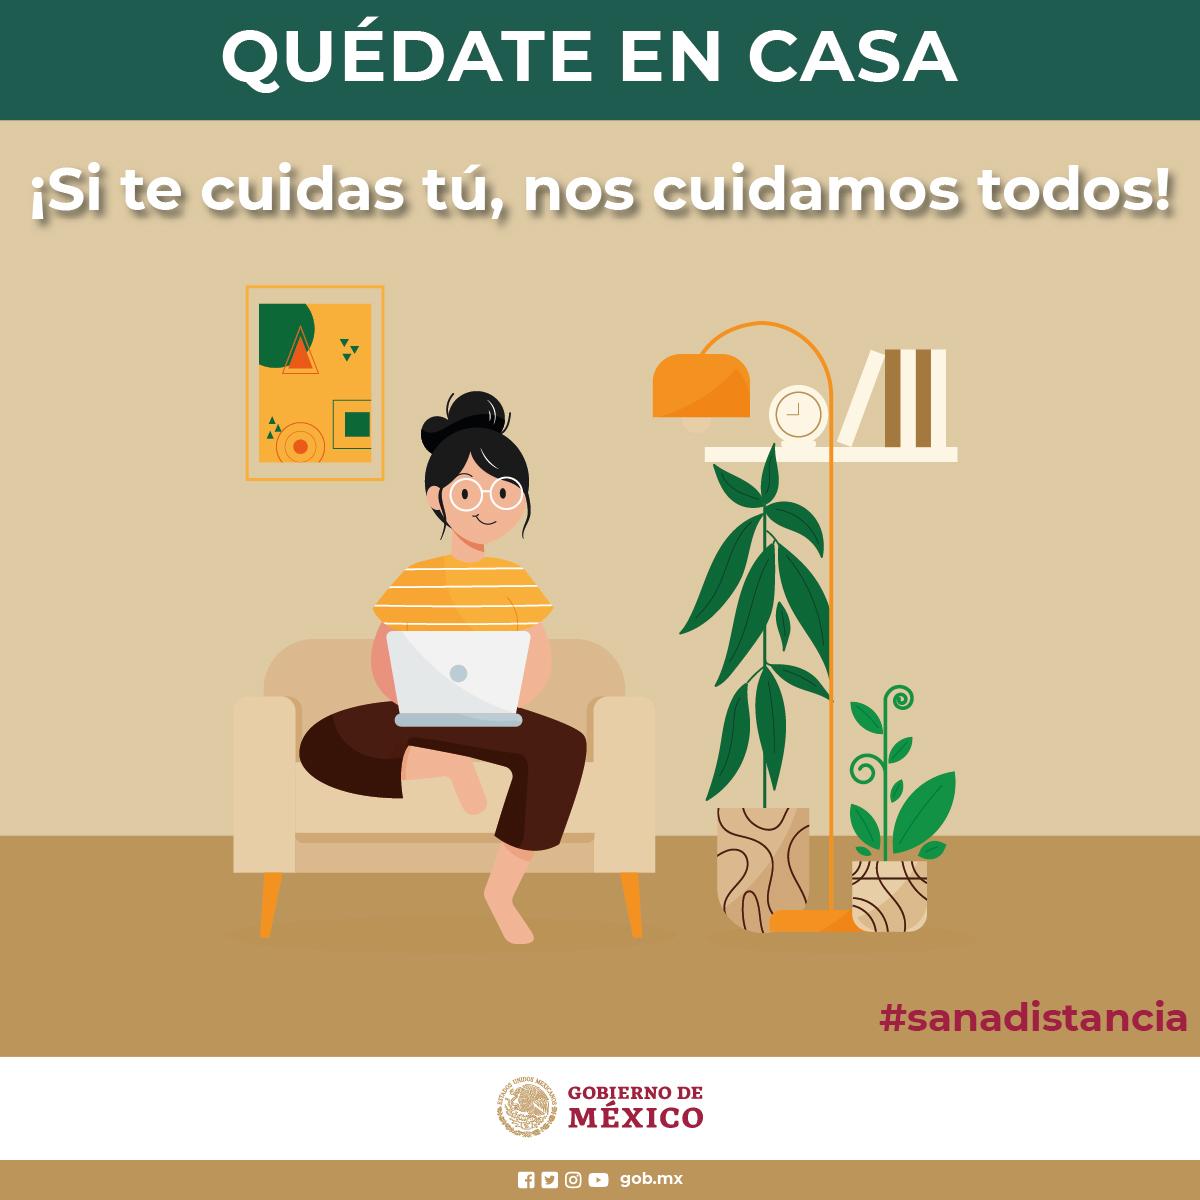 ¡#QuédateEnCasa! 🏠 Si te cuidas tú, nos cuidamos todas y todos. Infórmate sobre el #Coronavirus #COVID19 en  y mantén la #SanaDistancia. #MéxicoUnido